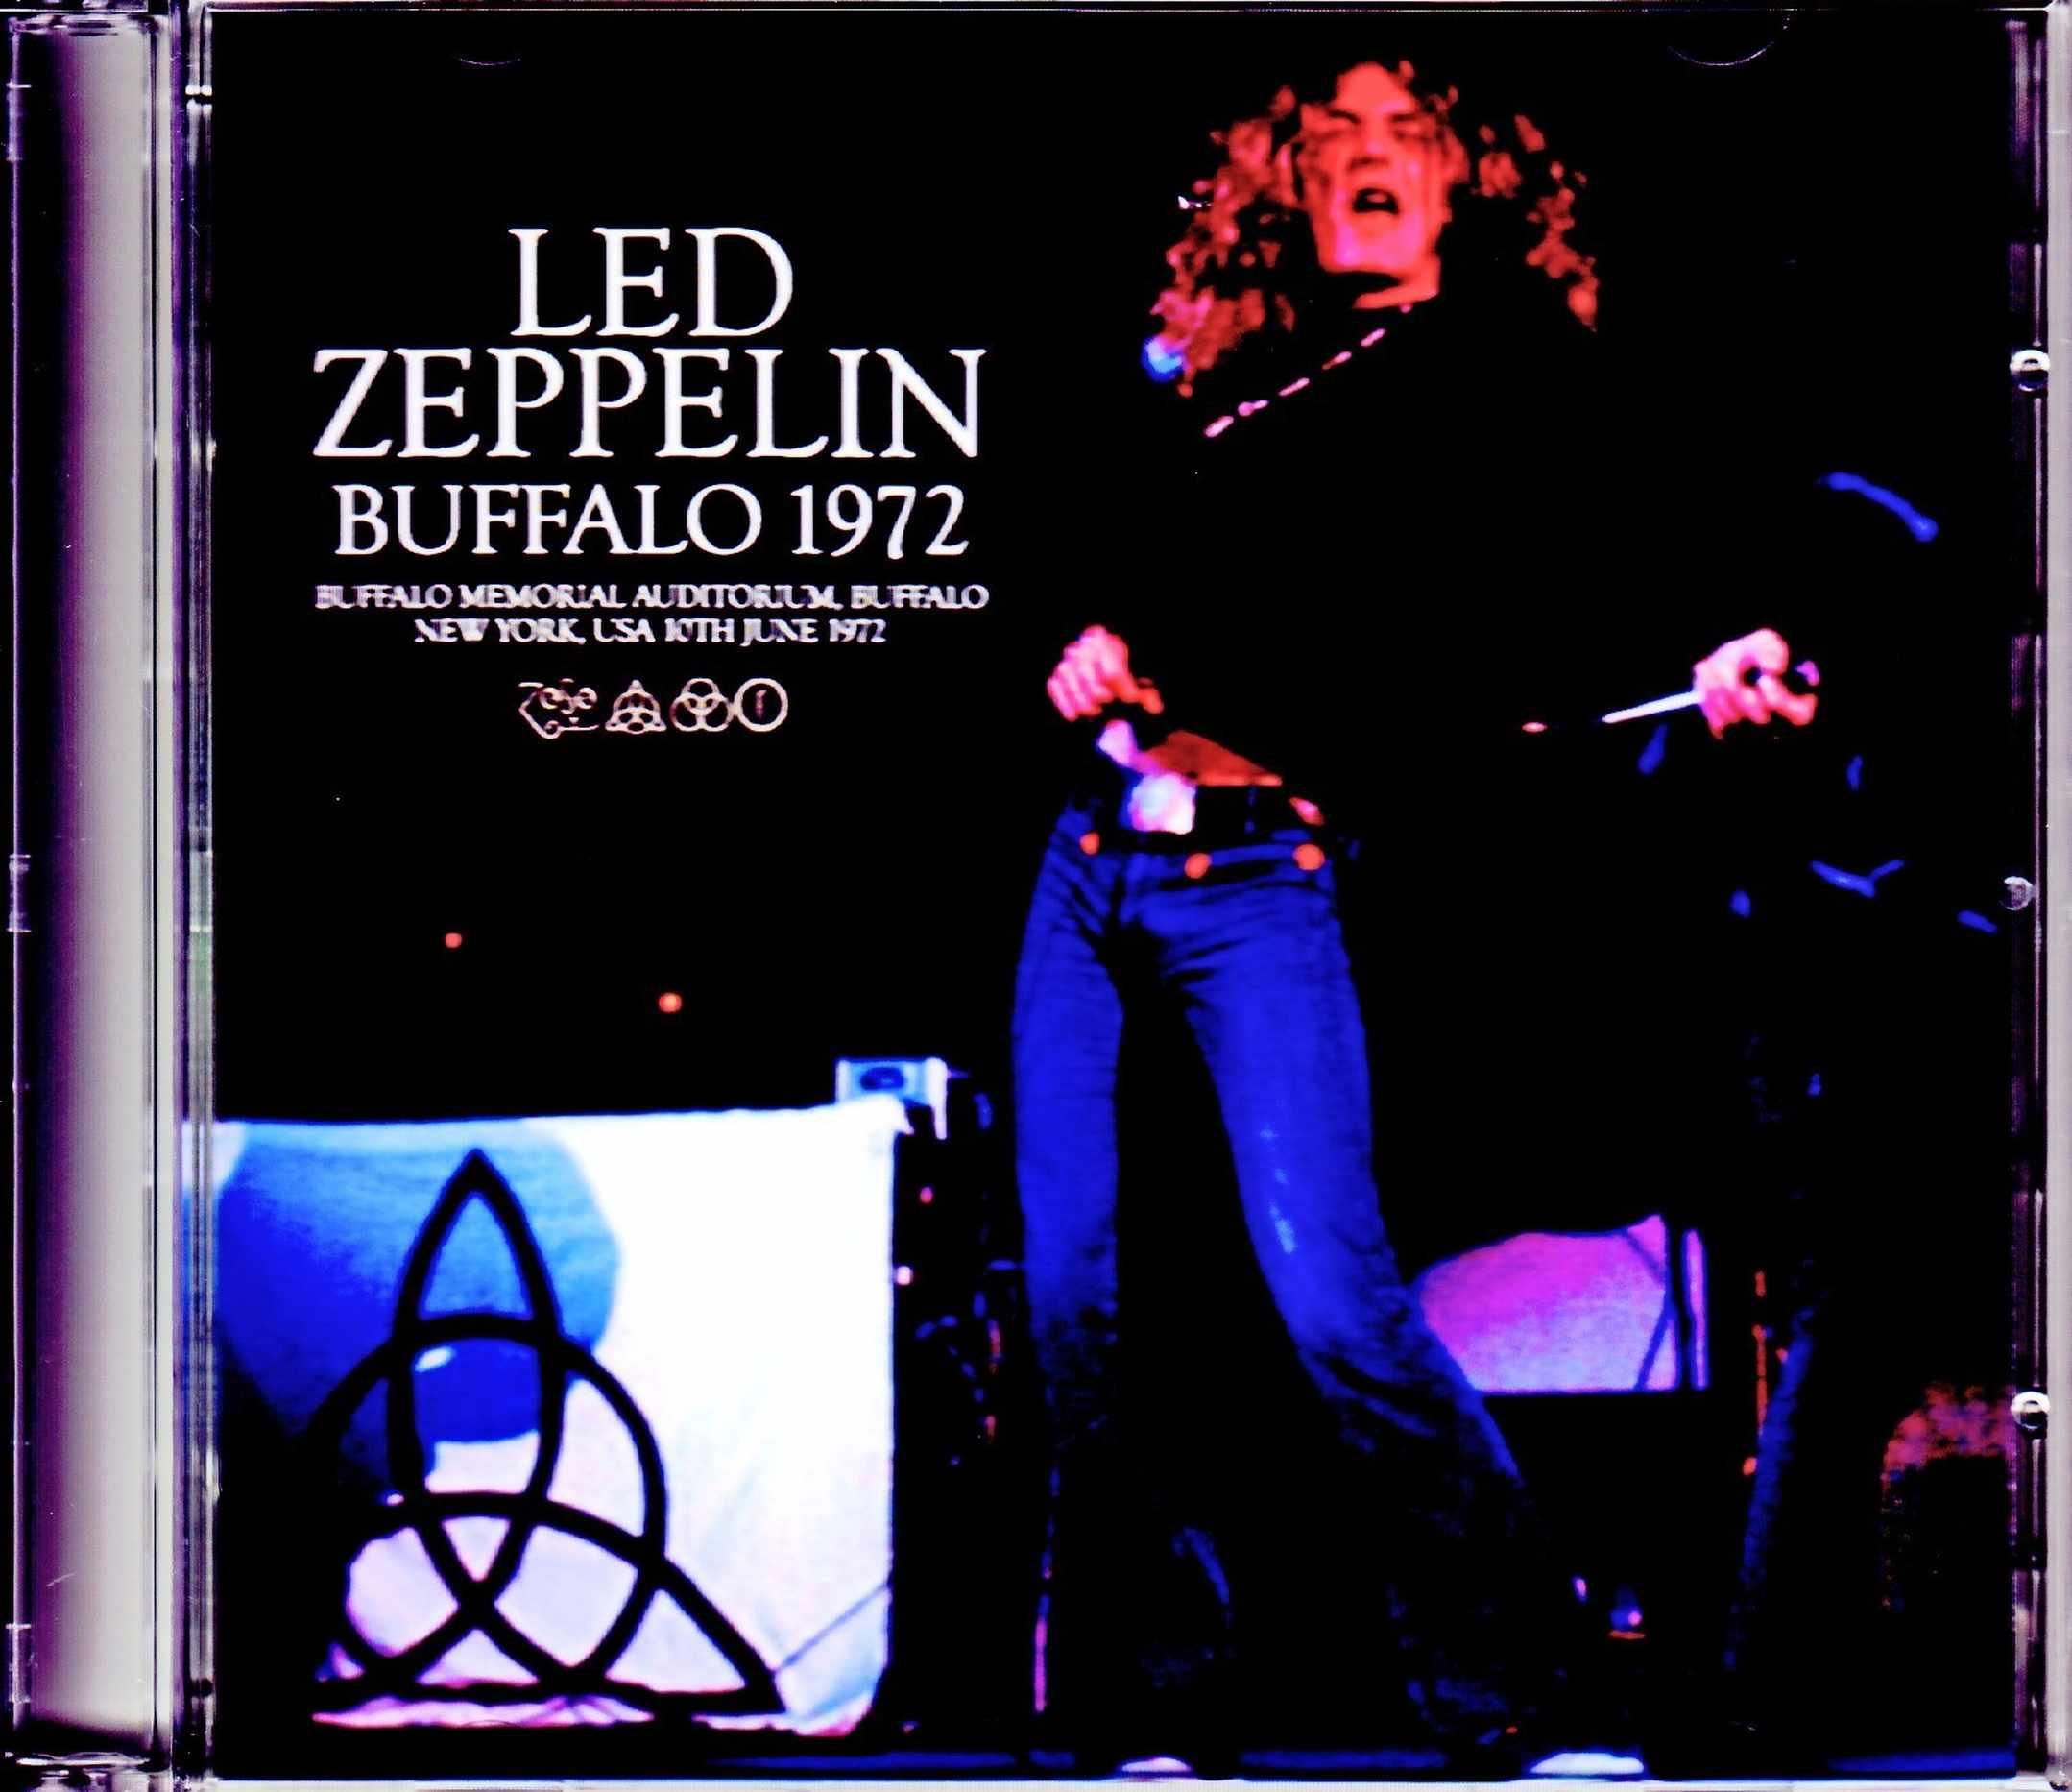 Led Zeppelin レッド・ツェッペリン/NY,USA 6.10.1972 Upgrade